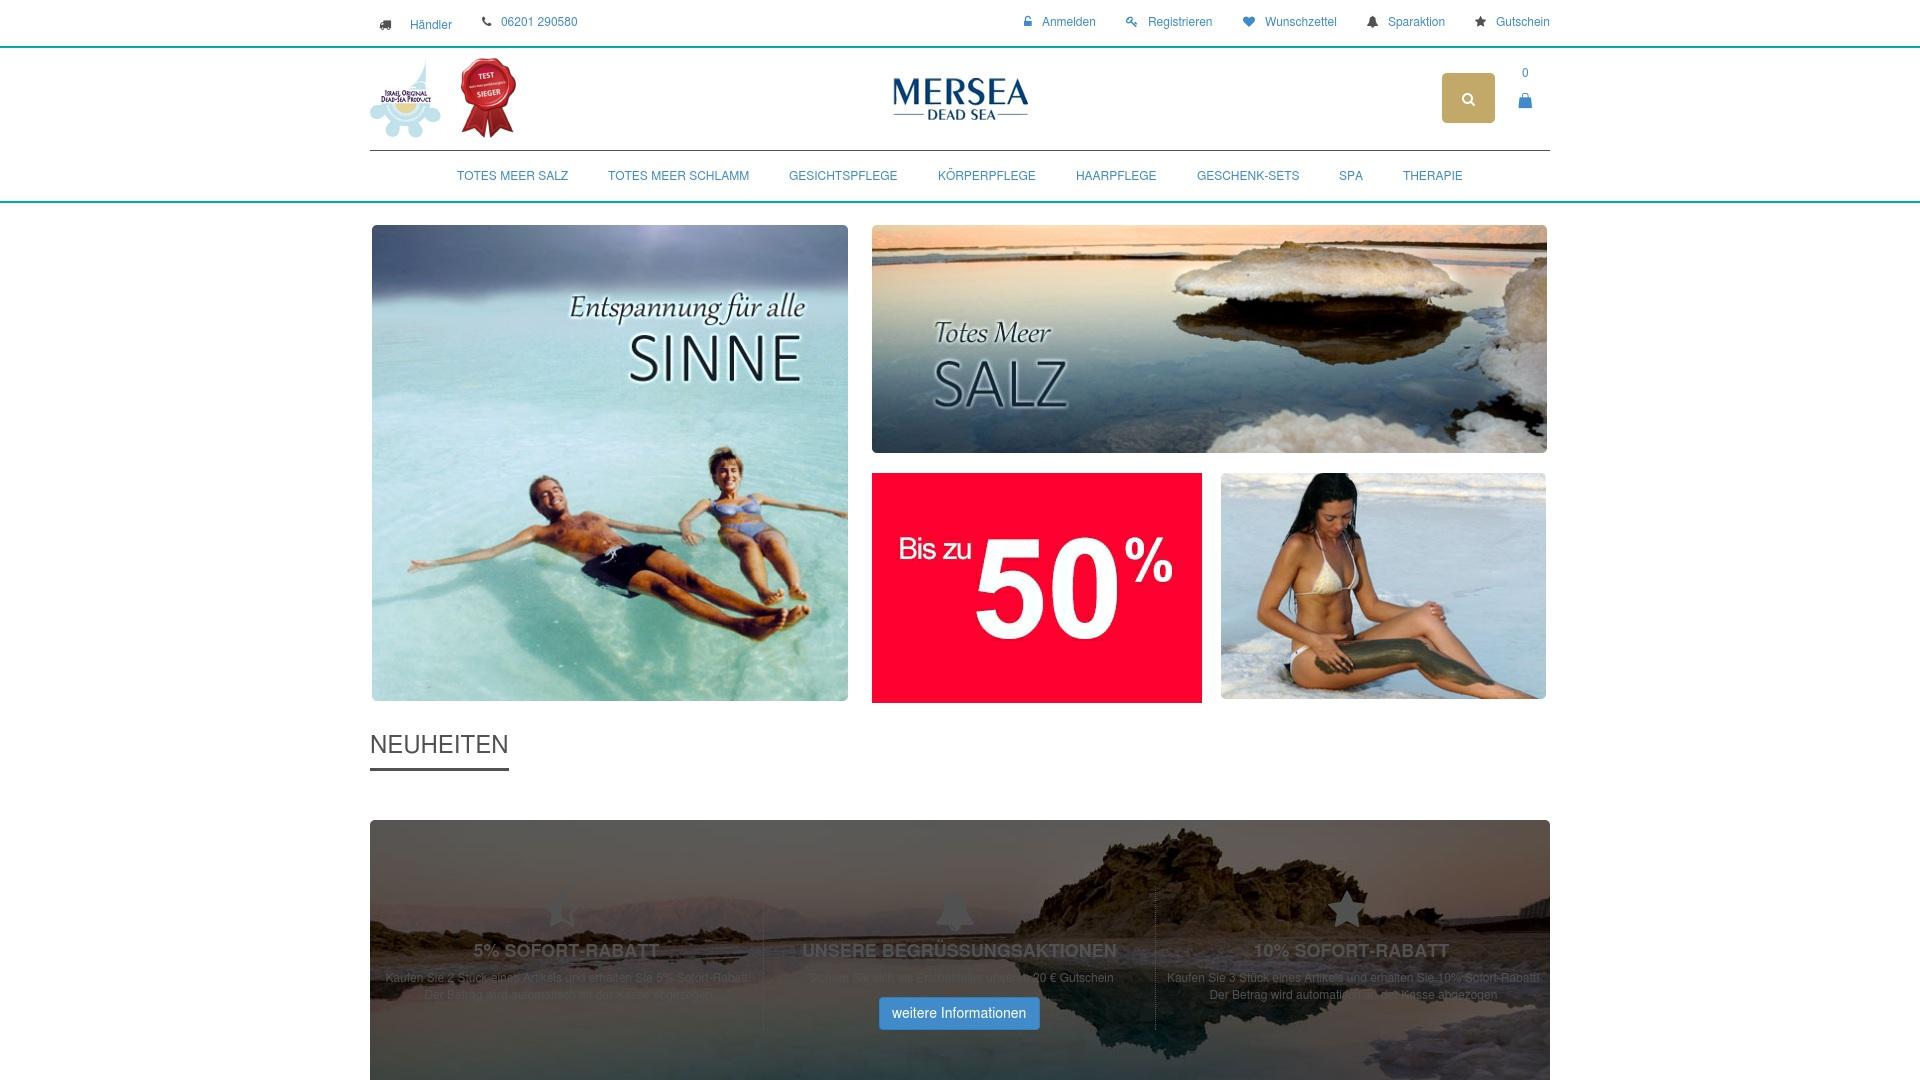 Gutschein für Mersea-kosmetik: Rabatte für  Mersea-kosmetik sichern